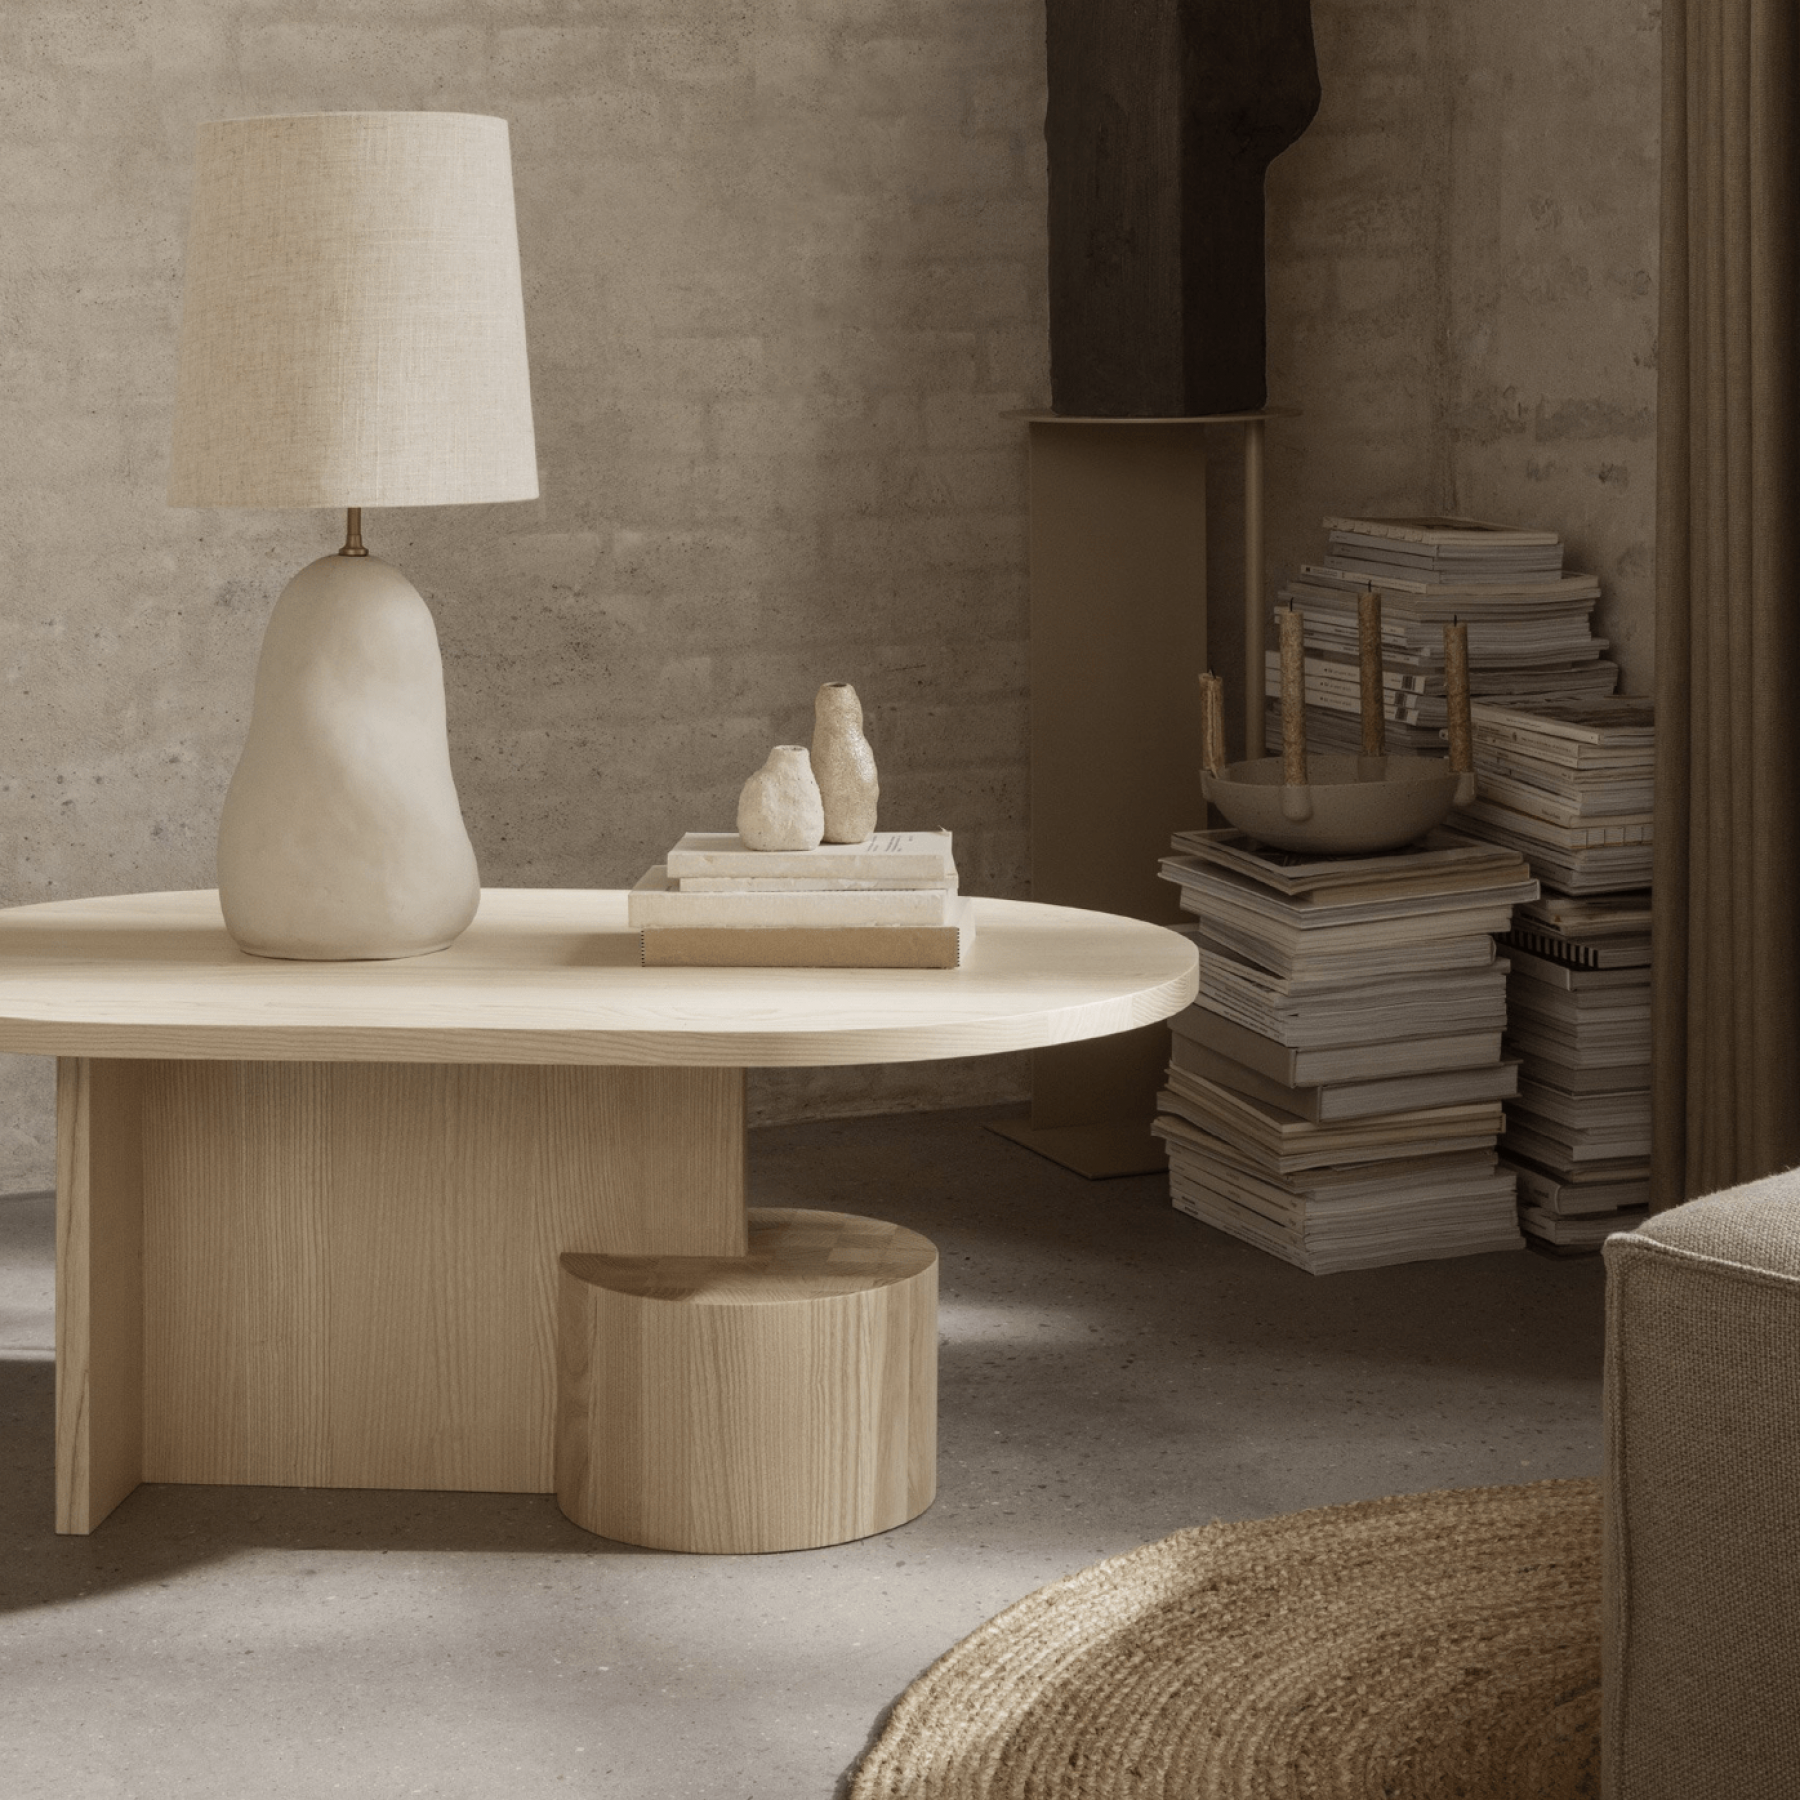 Lampe et table basse aux formes organiques